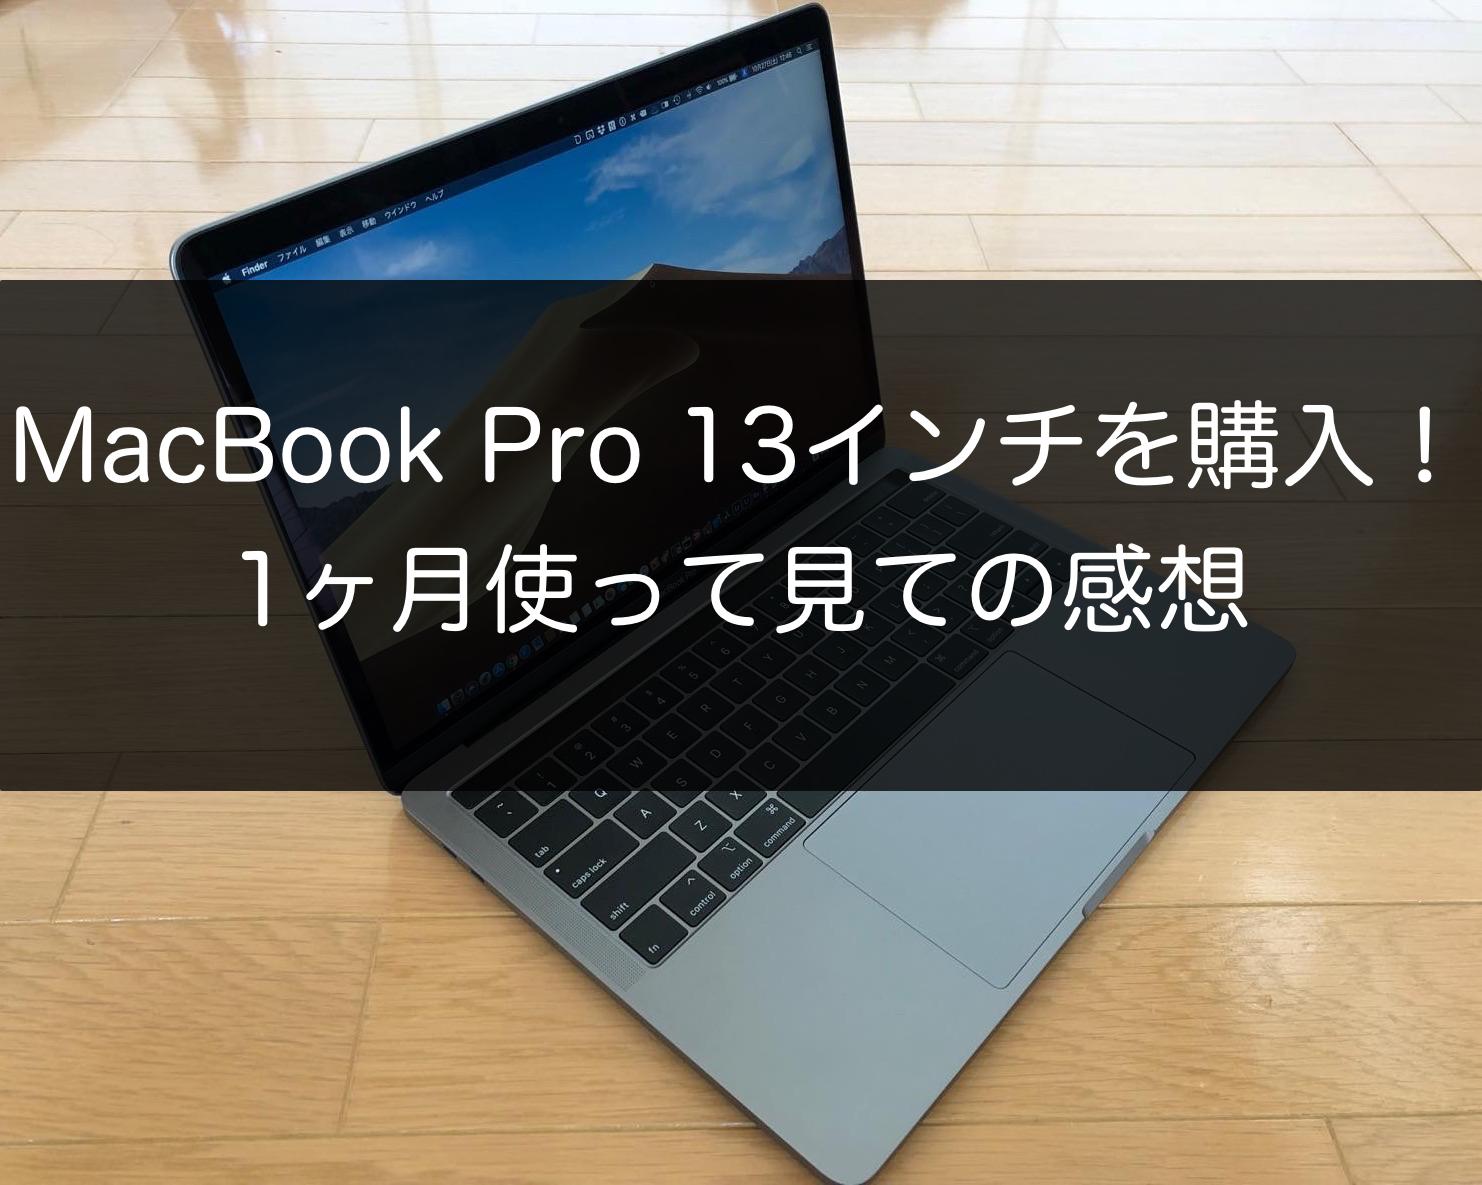 MacBook_Pro2018_08_20181027_124644